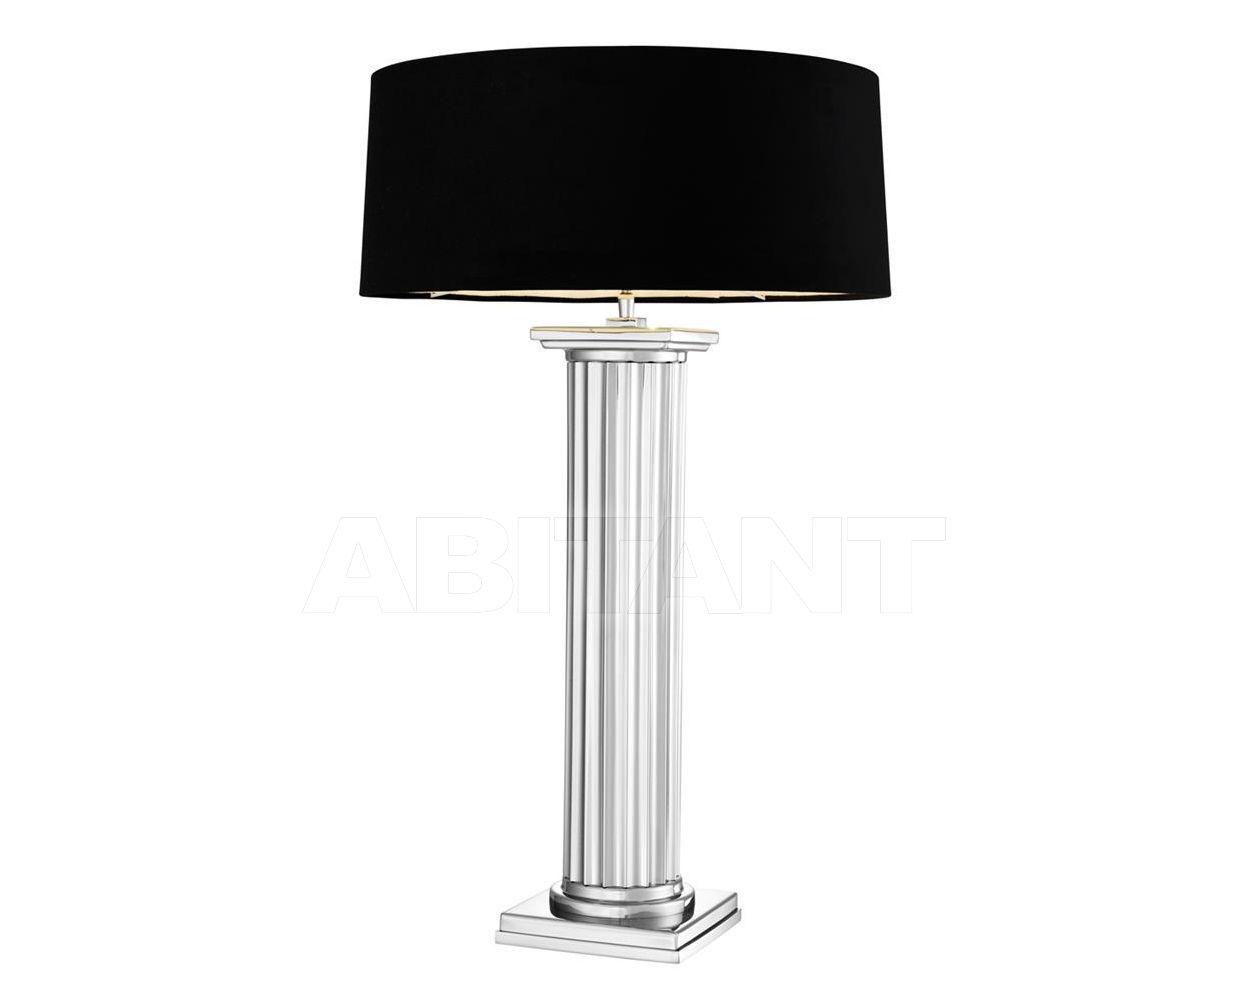 Купить Лампа настольная Manhattan Eichholtz  Lighting 105196